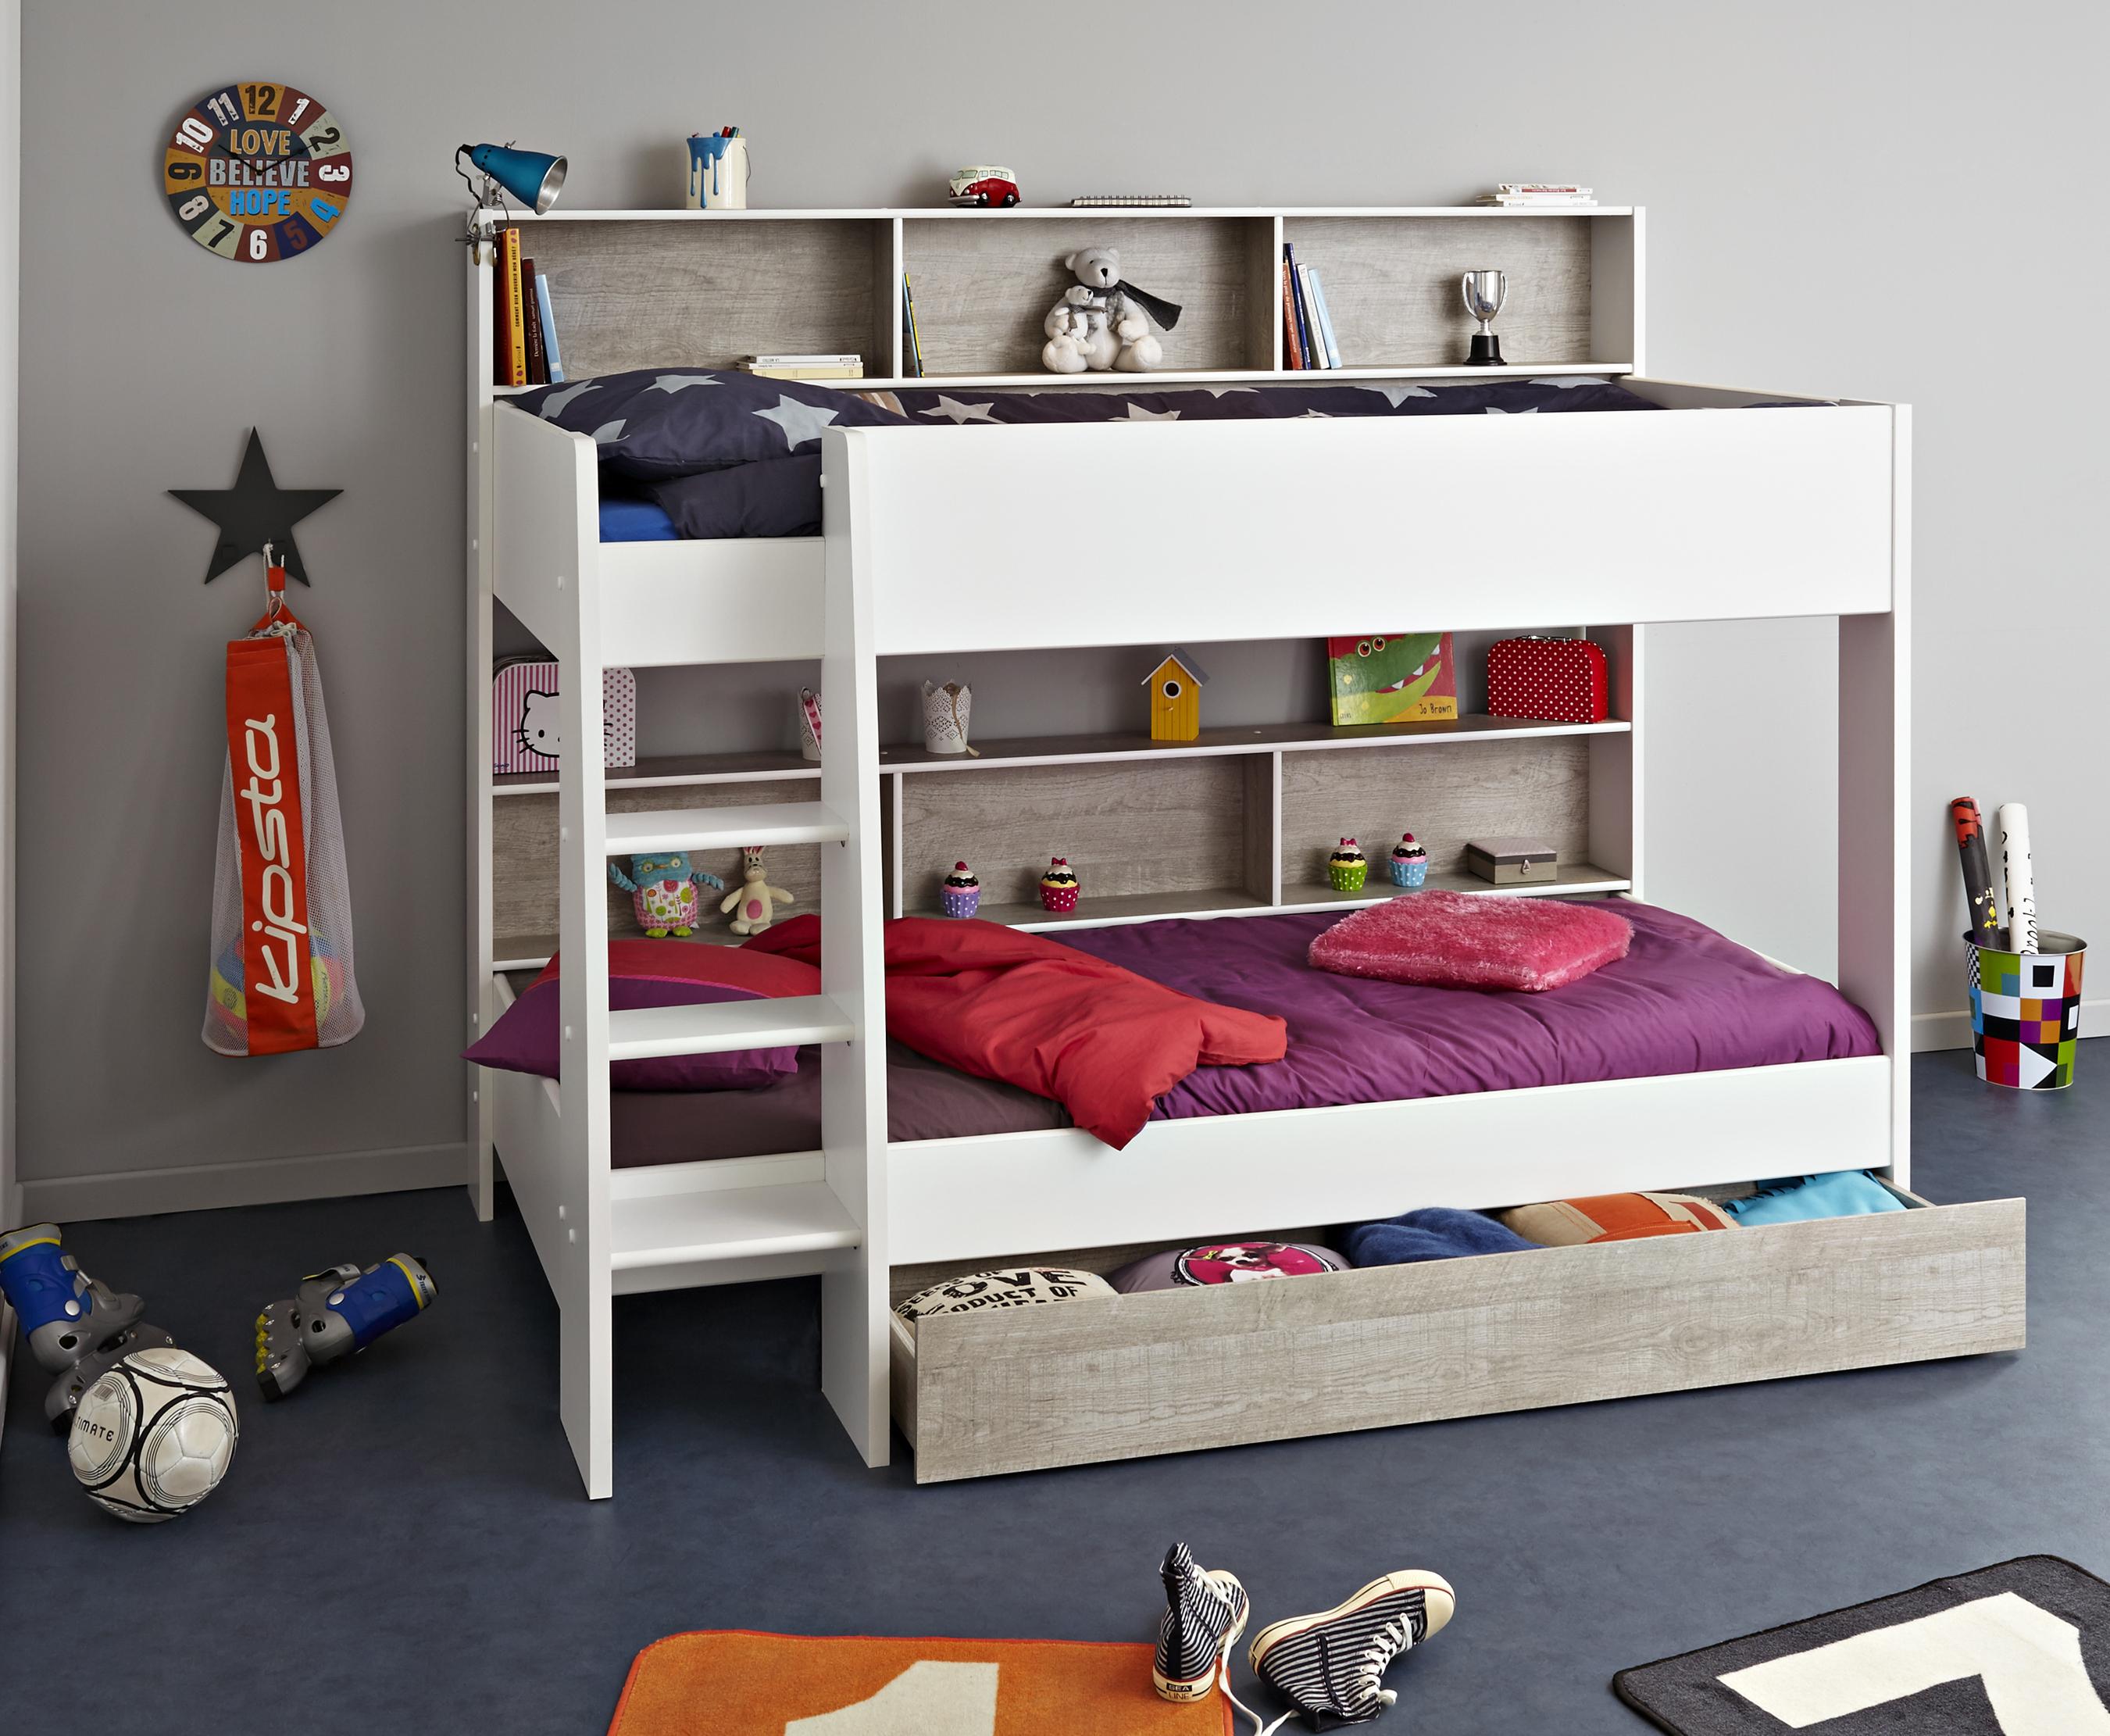 Etagenbett Bibop 11 : Kinderbett mit treppe u einzigartige etagenbett